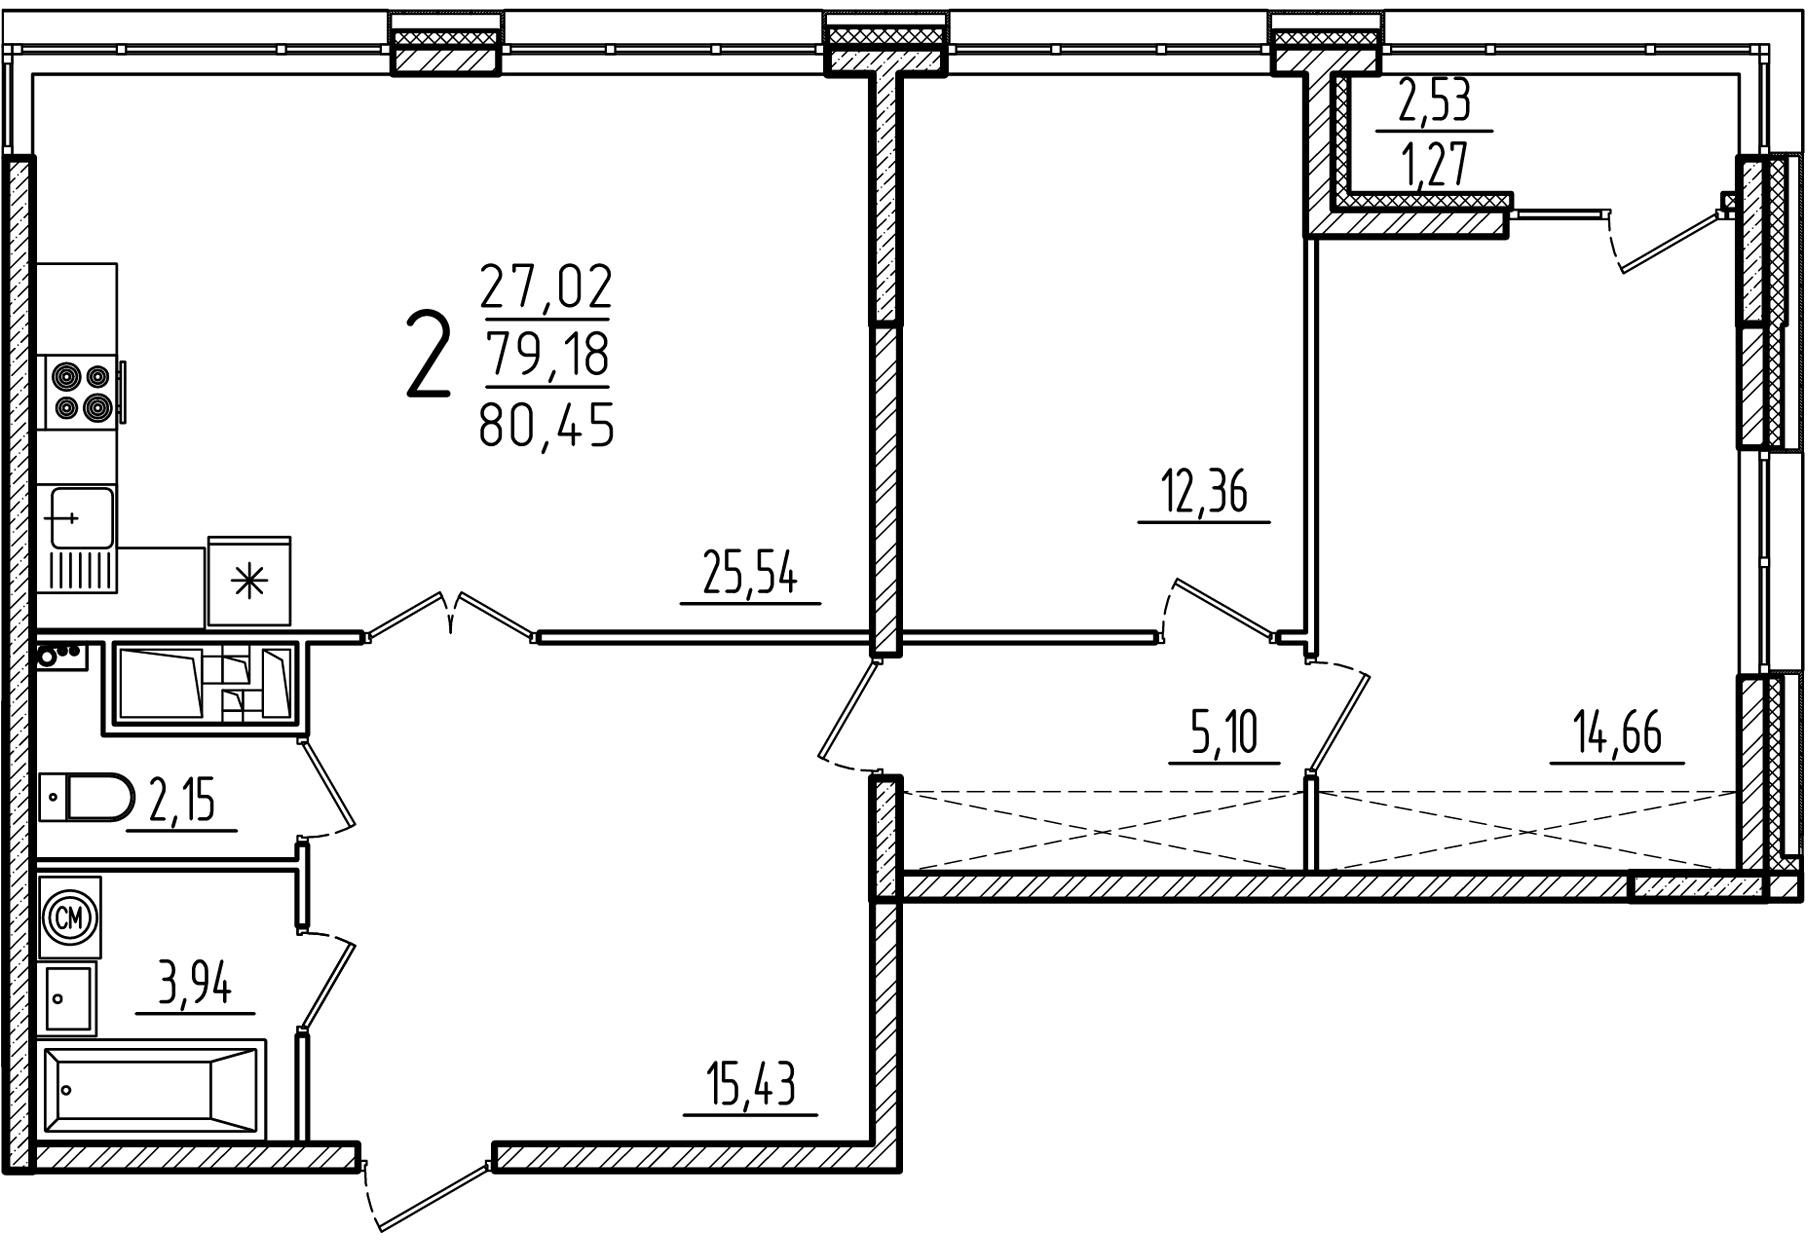 """2 комнатная 80,45 кв. м. (ЖК """"Barton House"""")"""